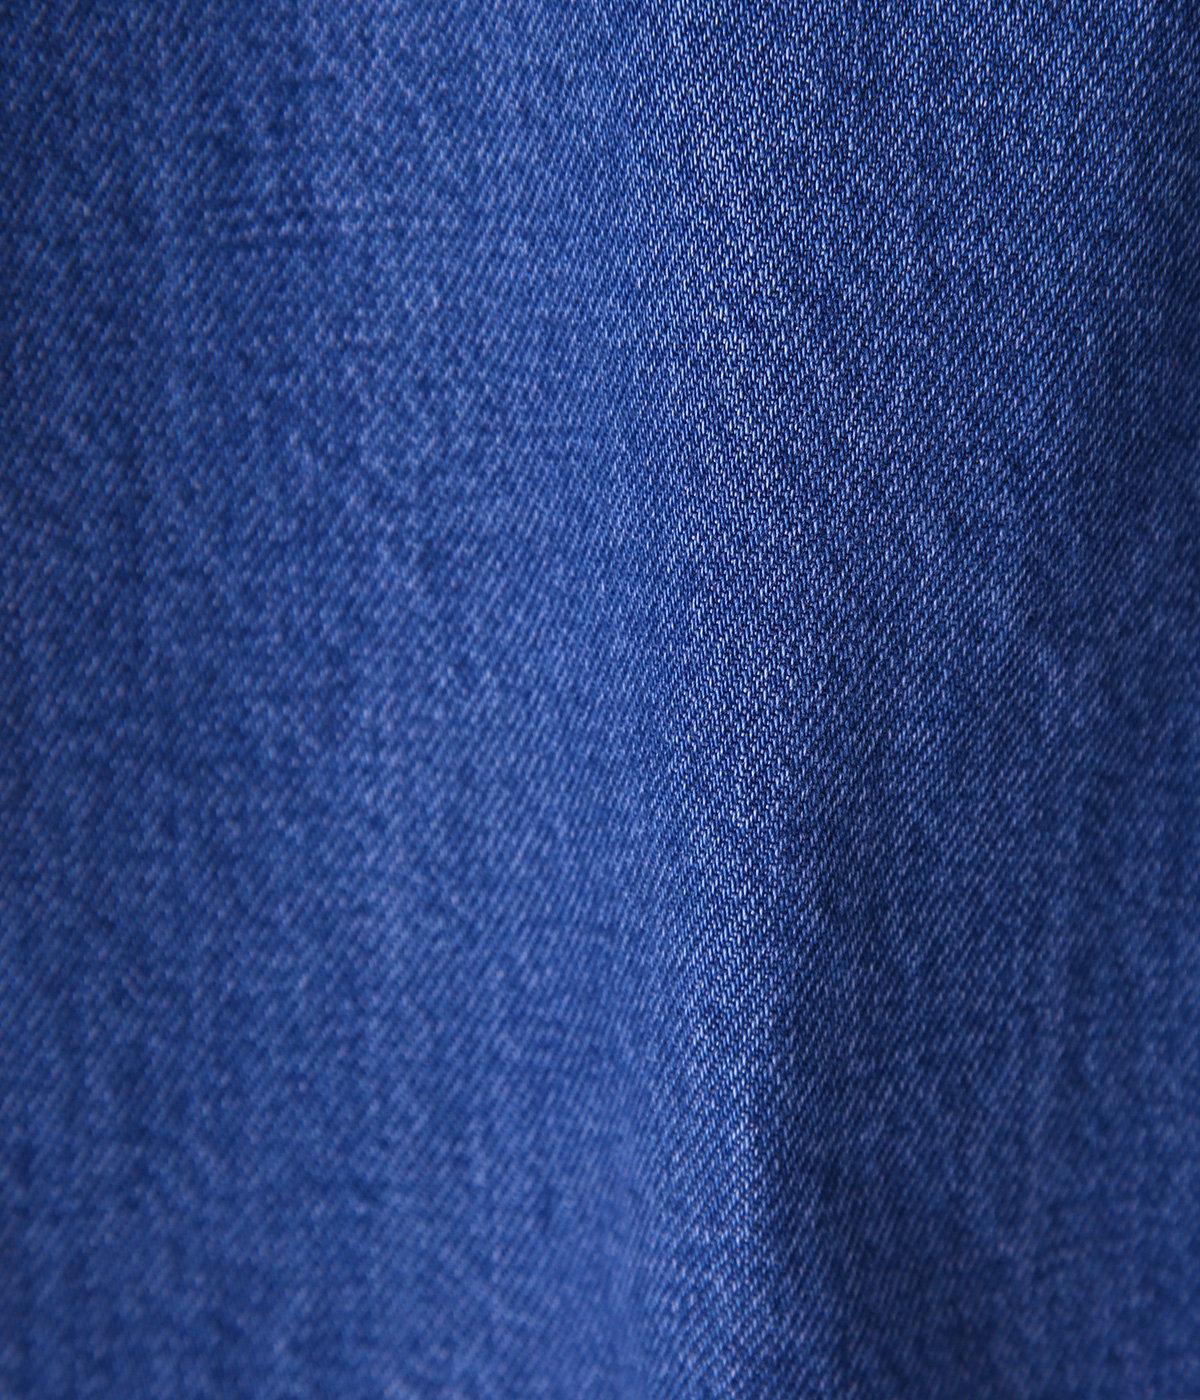 ACNE STUDIOS 2021M BRUTUS BLUE